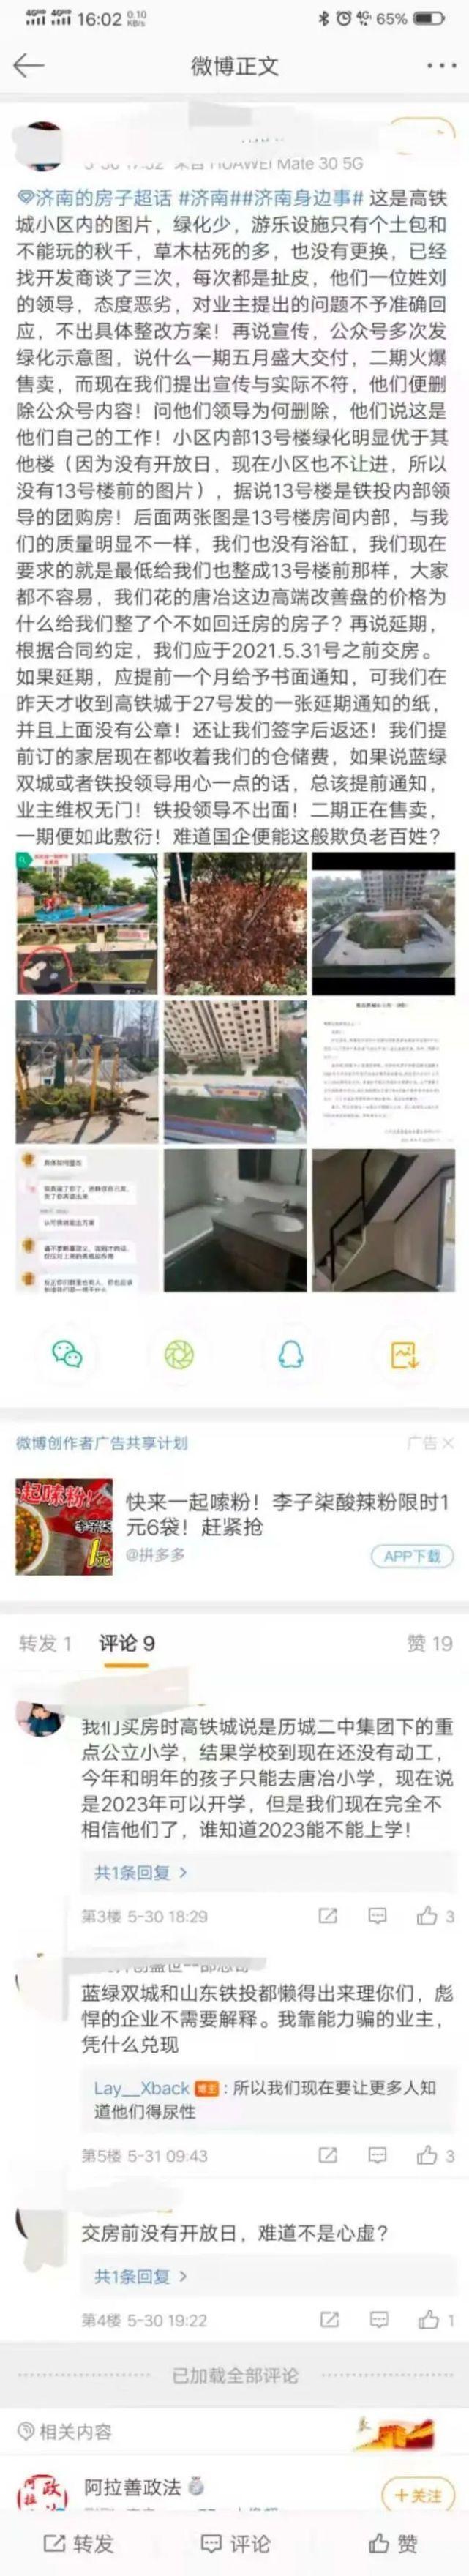 济南唐冶高铁城延期交房、学校未建,山东铁投与蓝绿双城的社会担当遭质疑